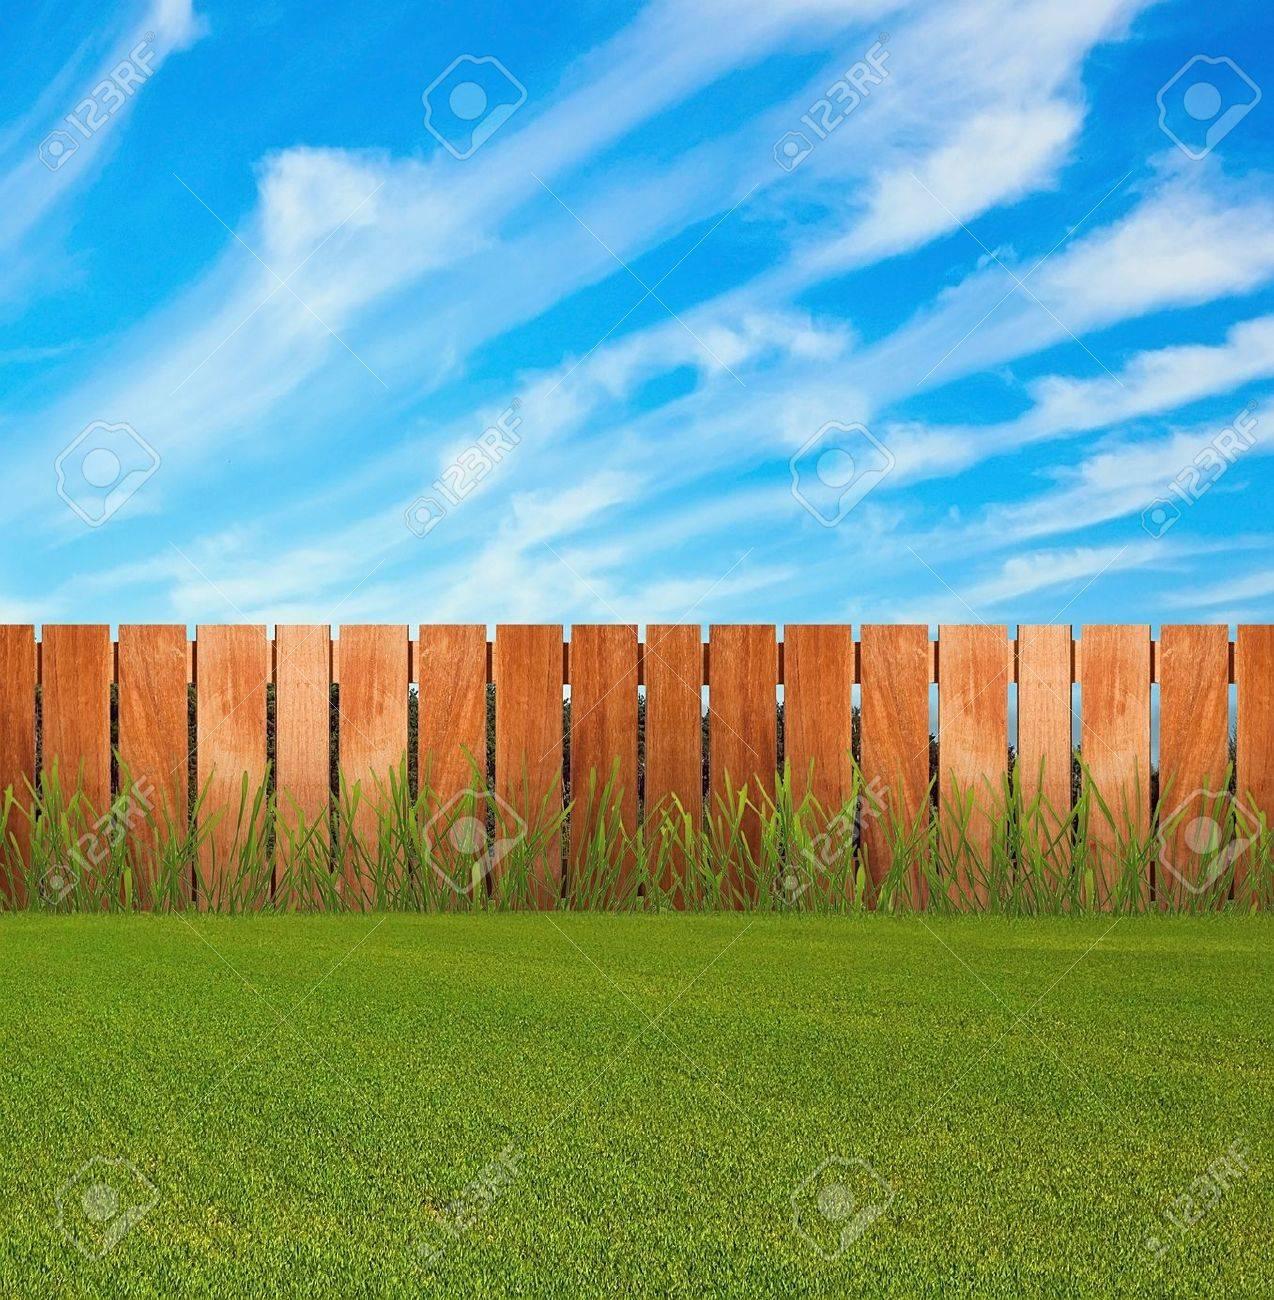 Grunes Gras Im Garten Mit Zaun Lizenzfreie Fotos Bilder Und Stock